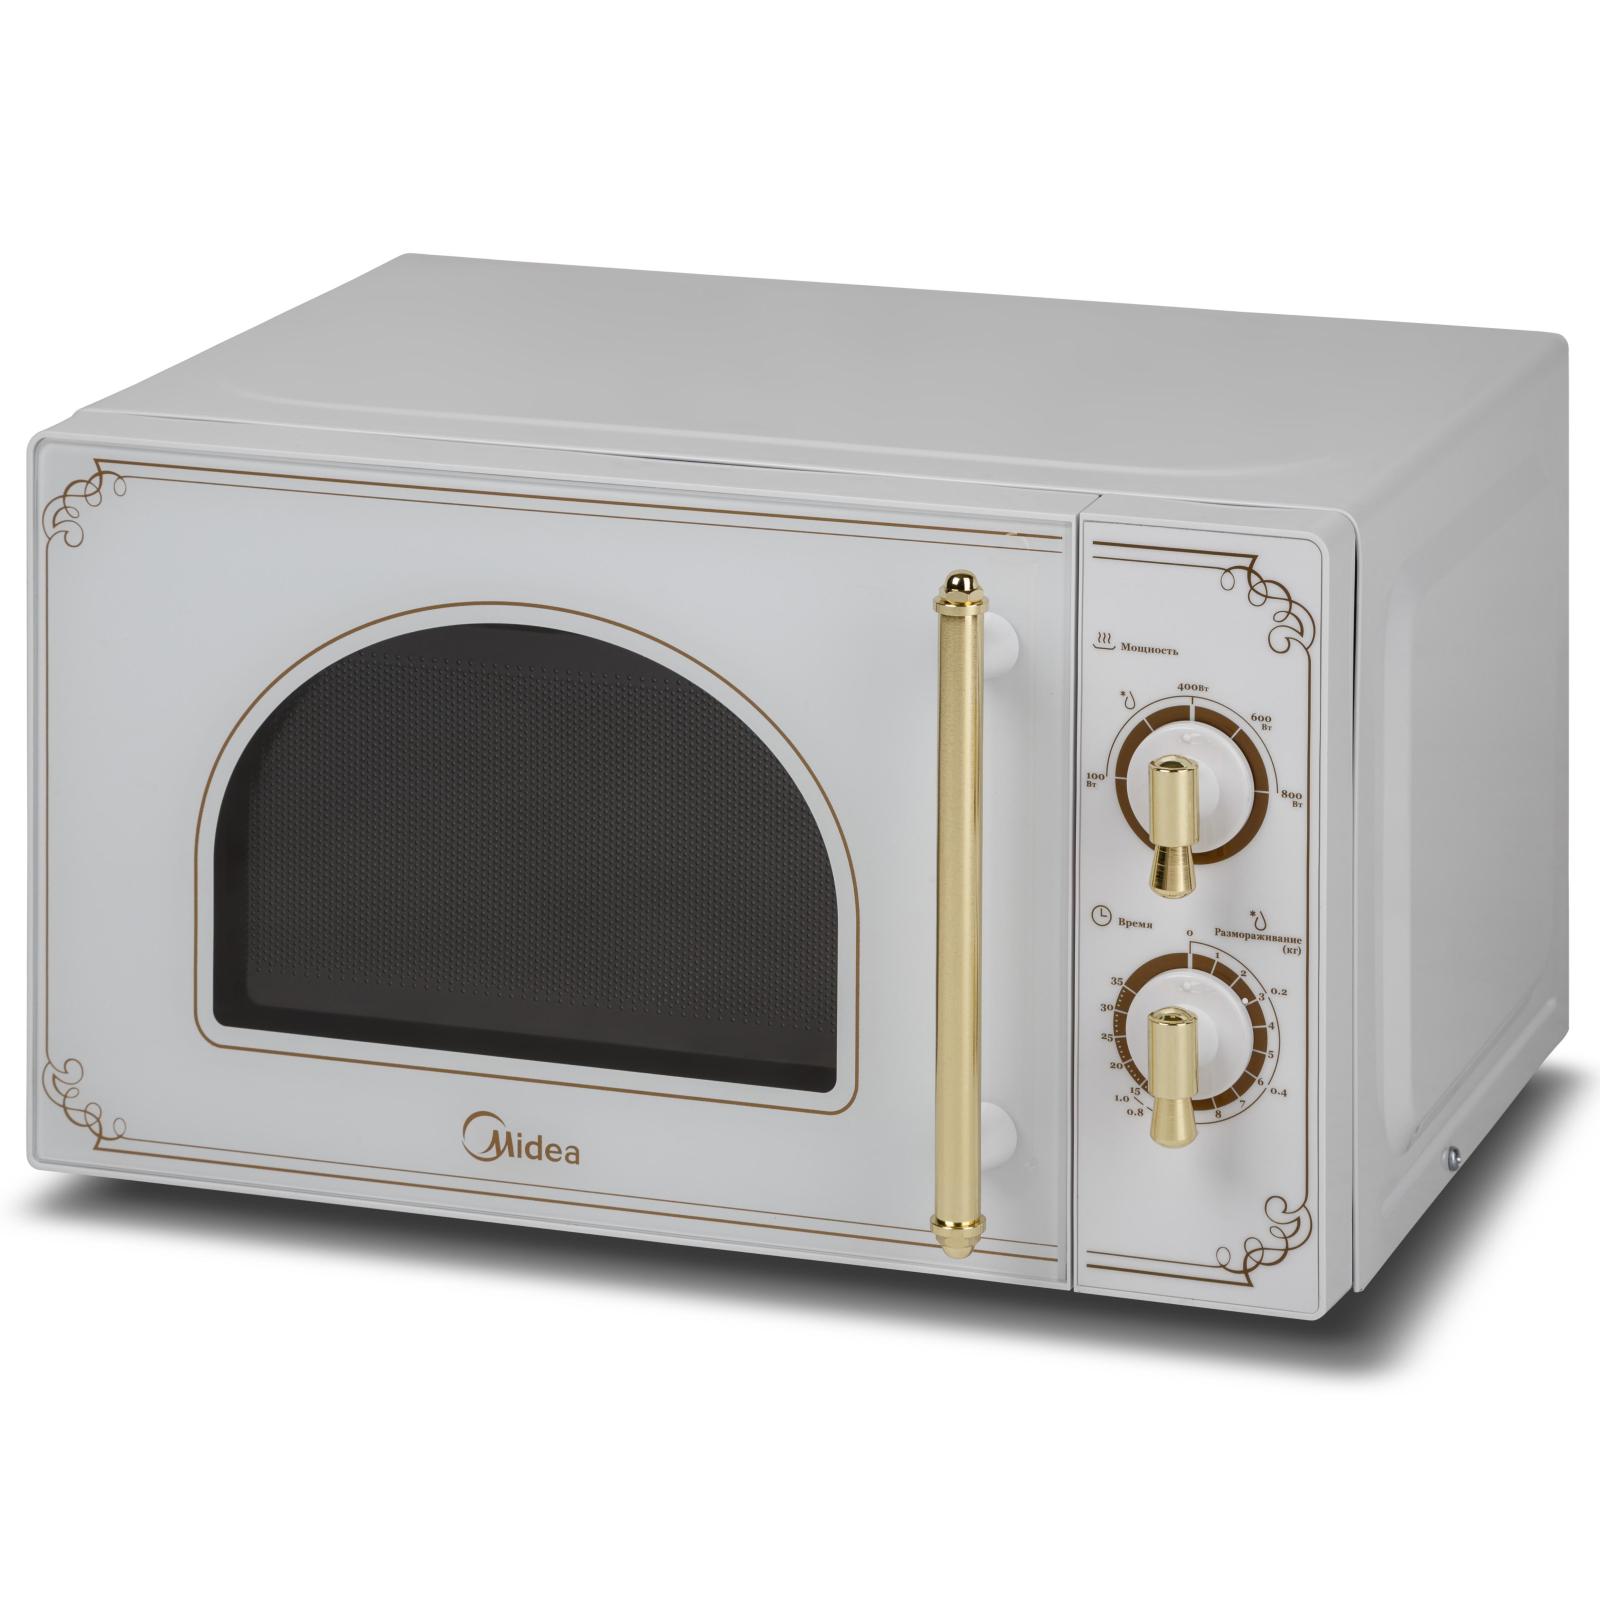 Микроволновая печь Midea MM820CJ7-W3 изображение 3